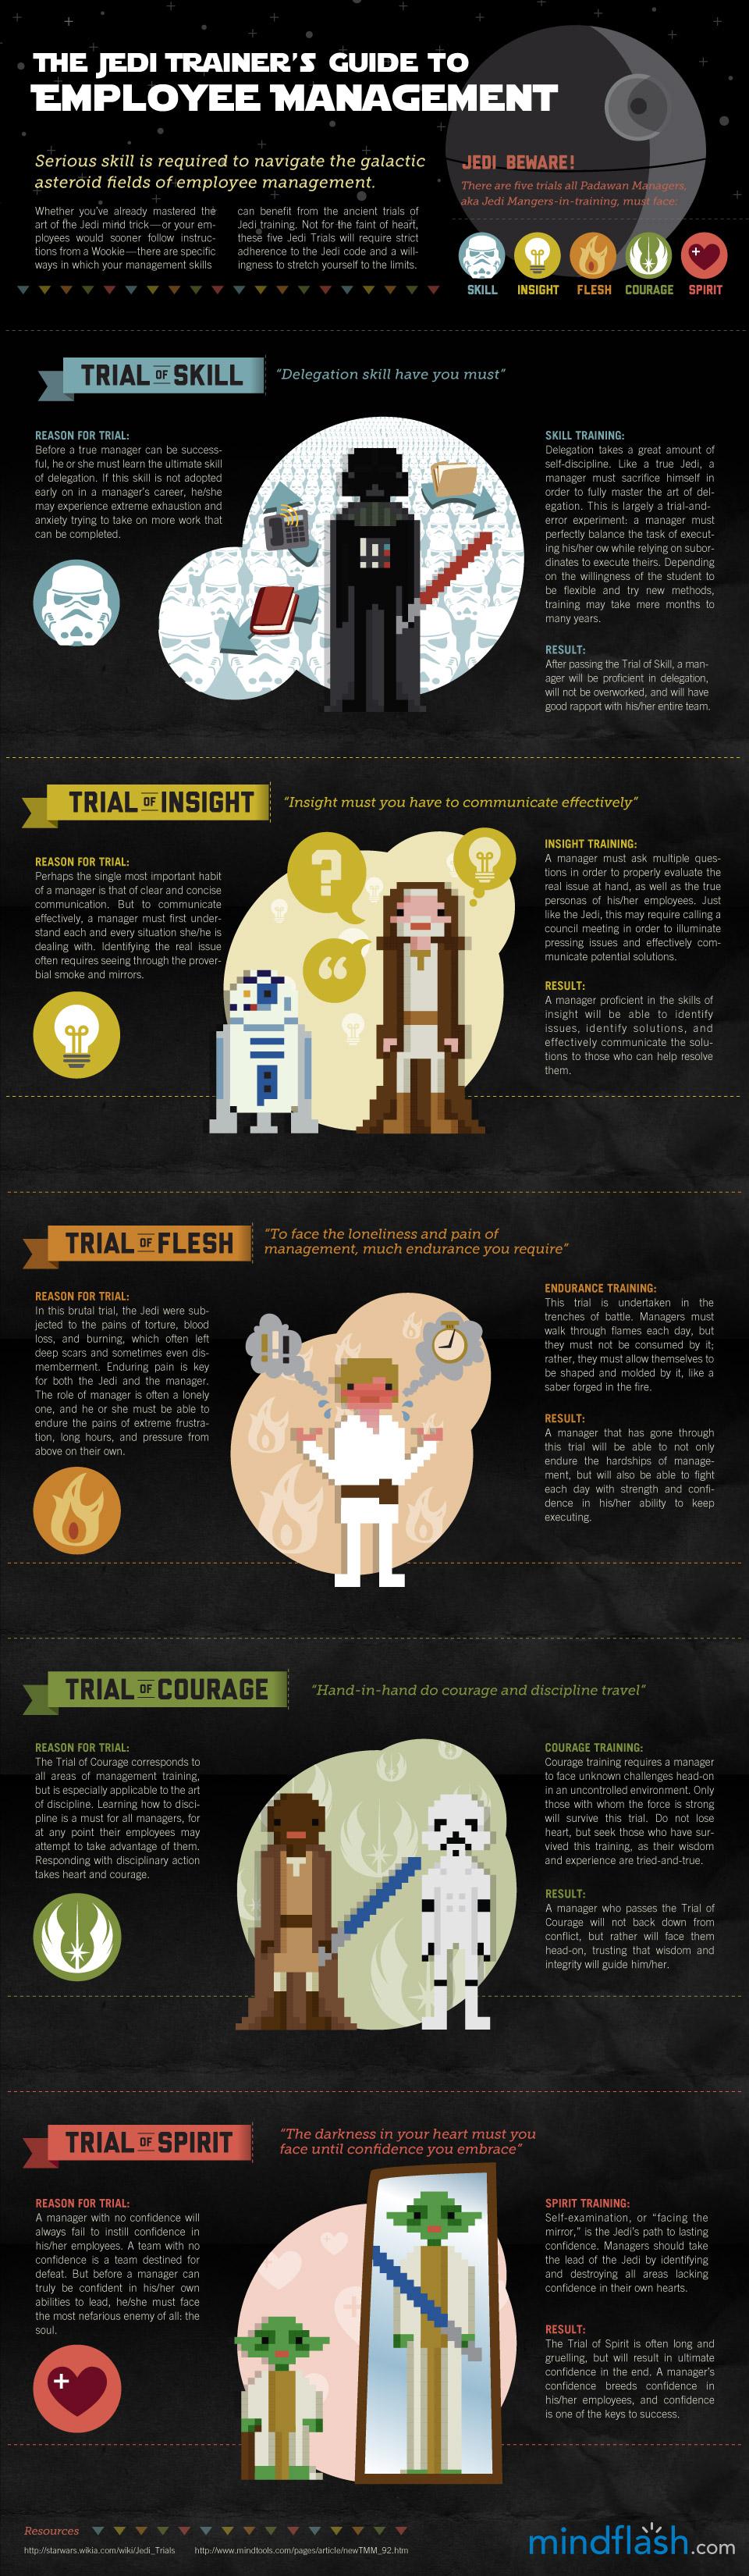 O Guia de Treinamento Jedi para o Gerenciamento de Pessoas [Infográfico]